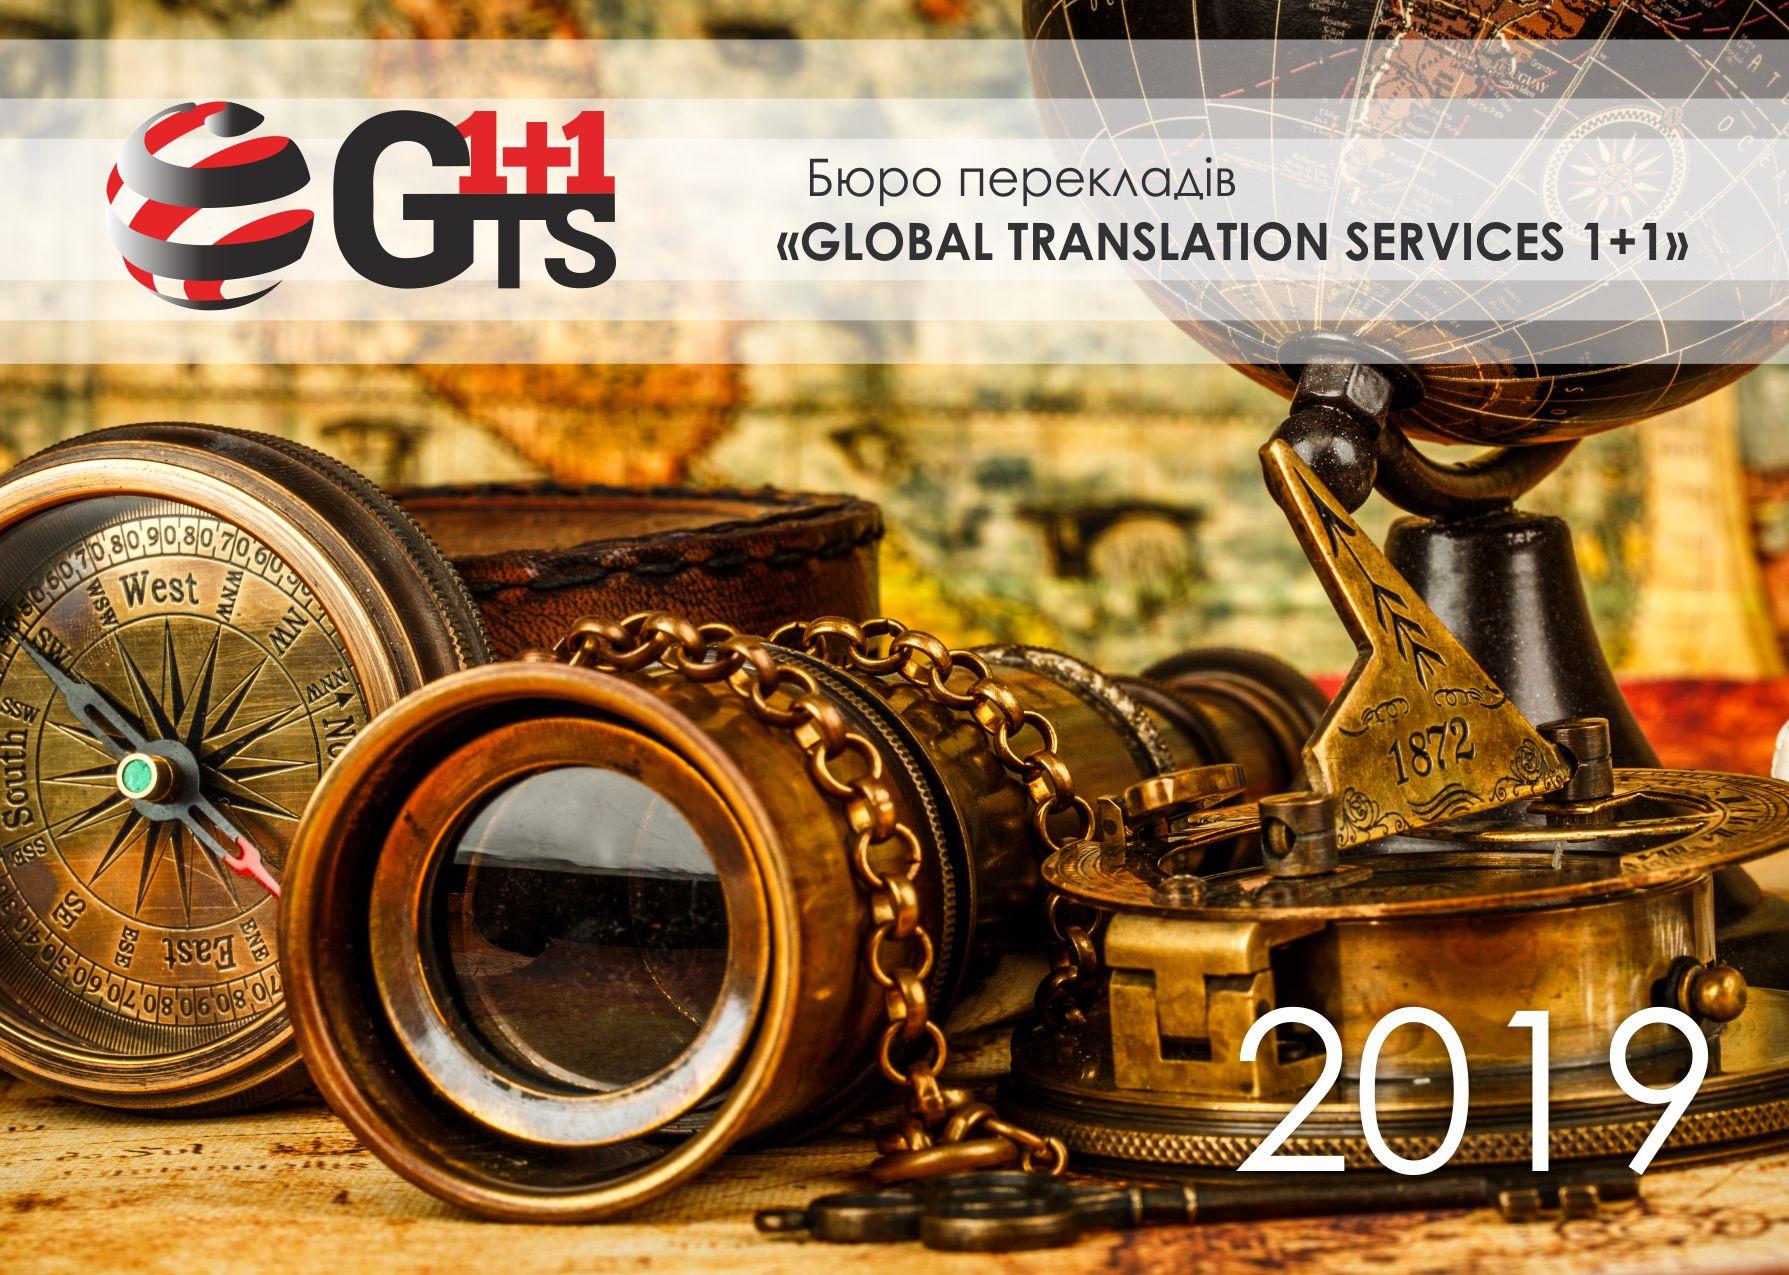 Дизайн квартального календаря бюро переводов GTS вариант №4 www.makety.top